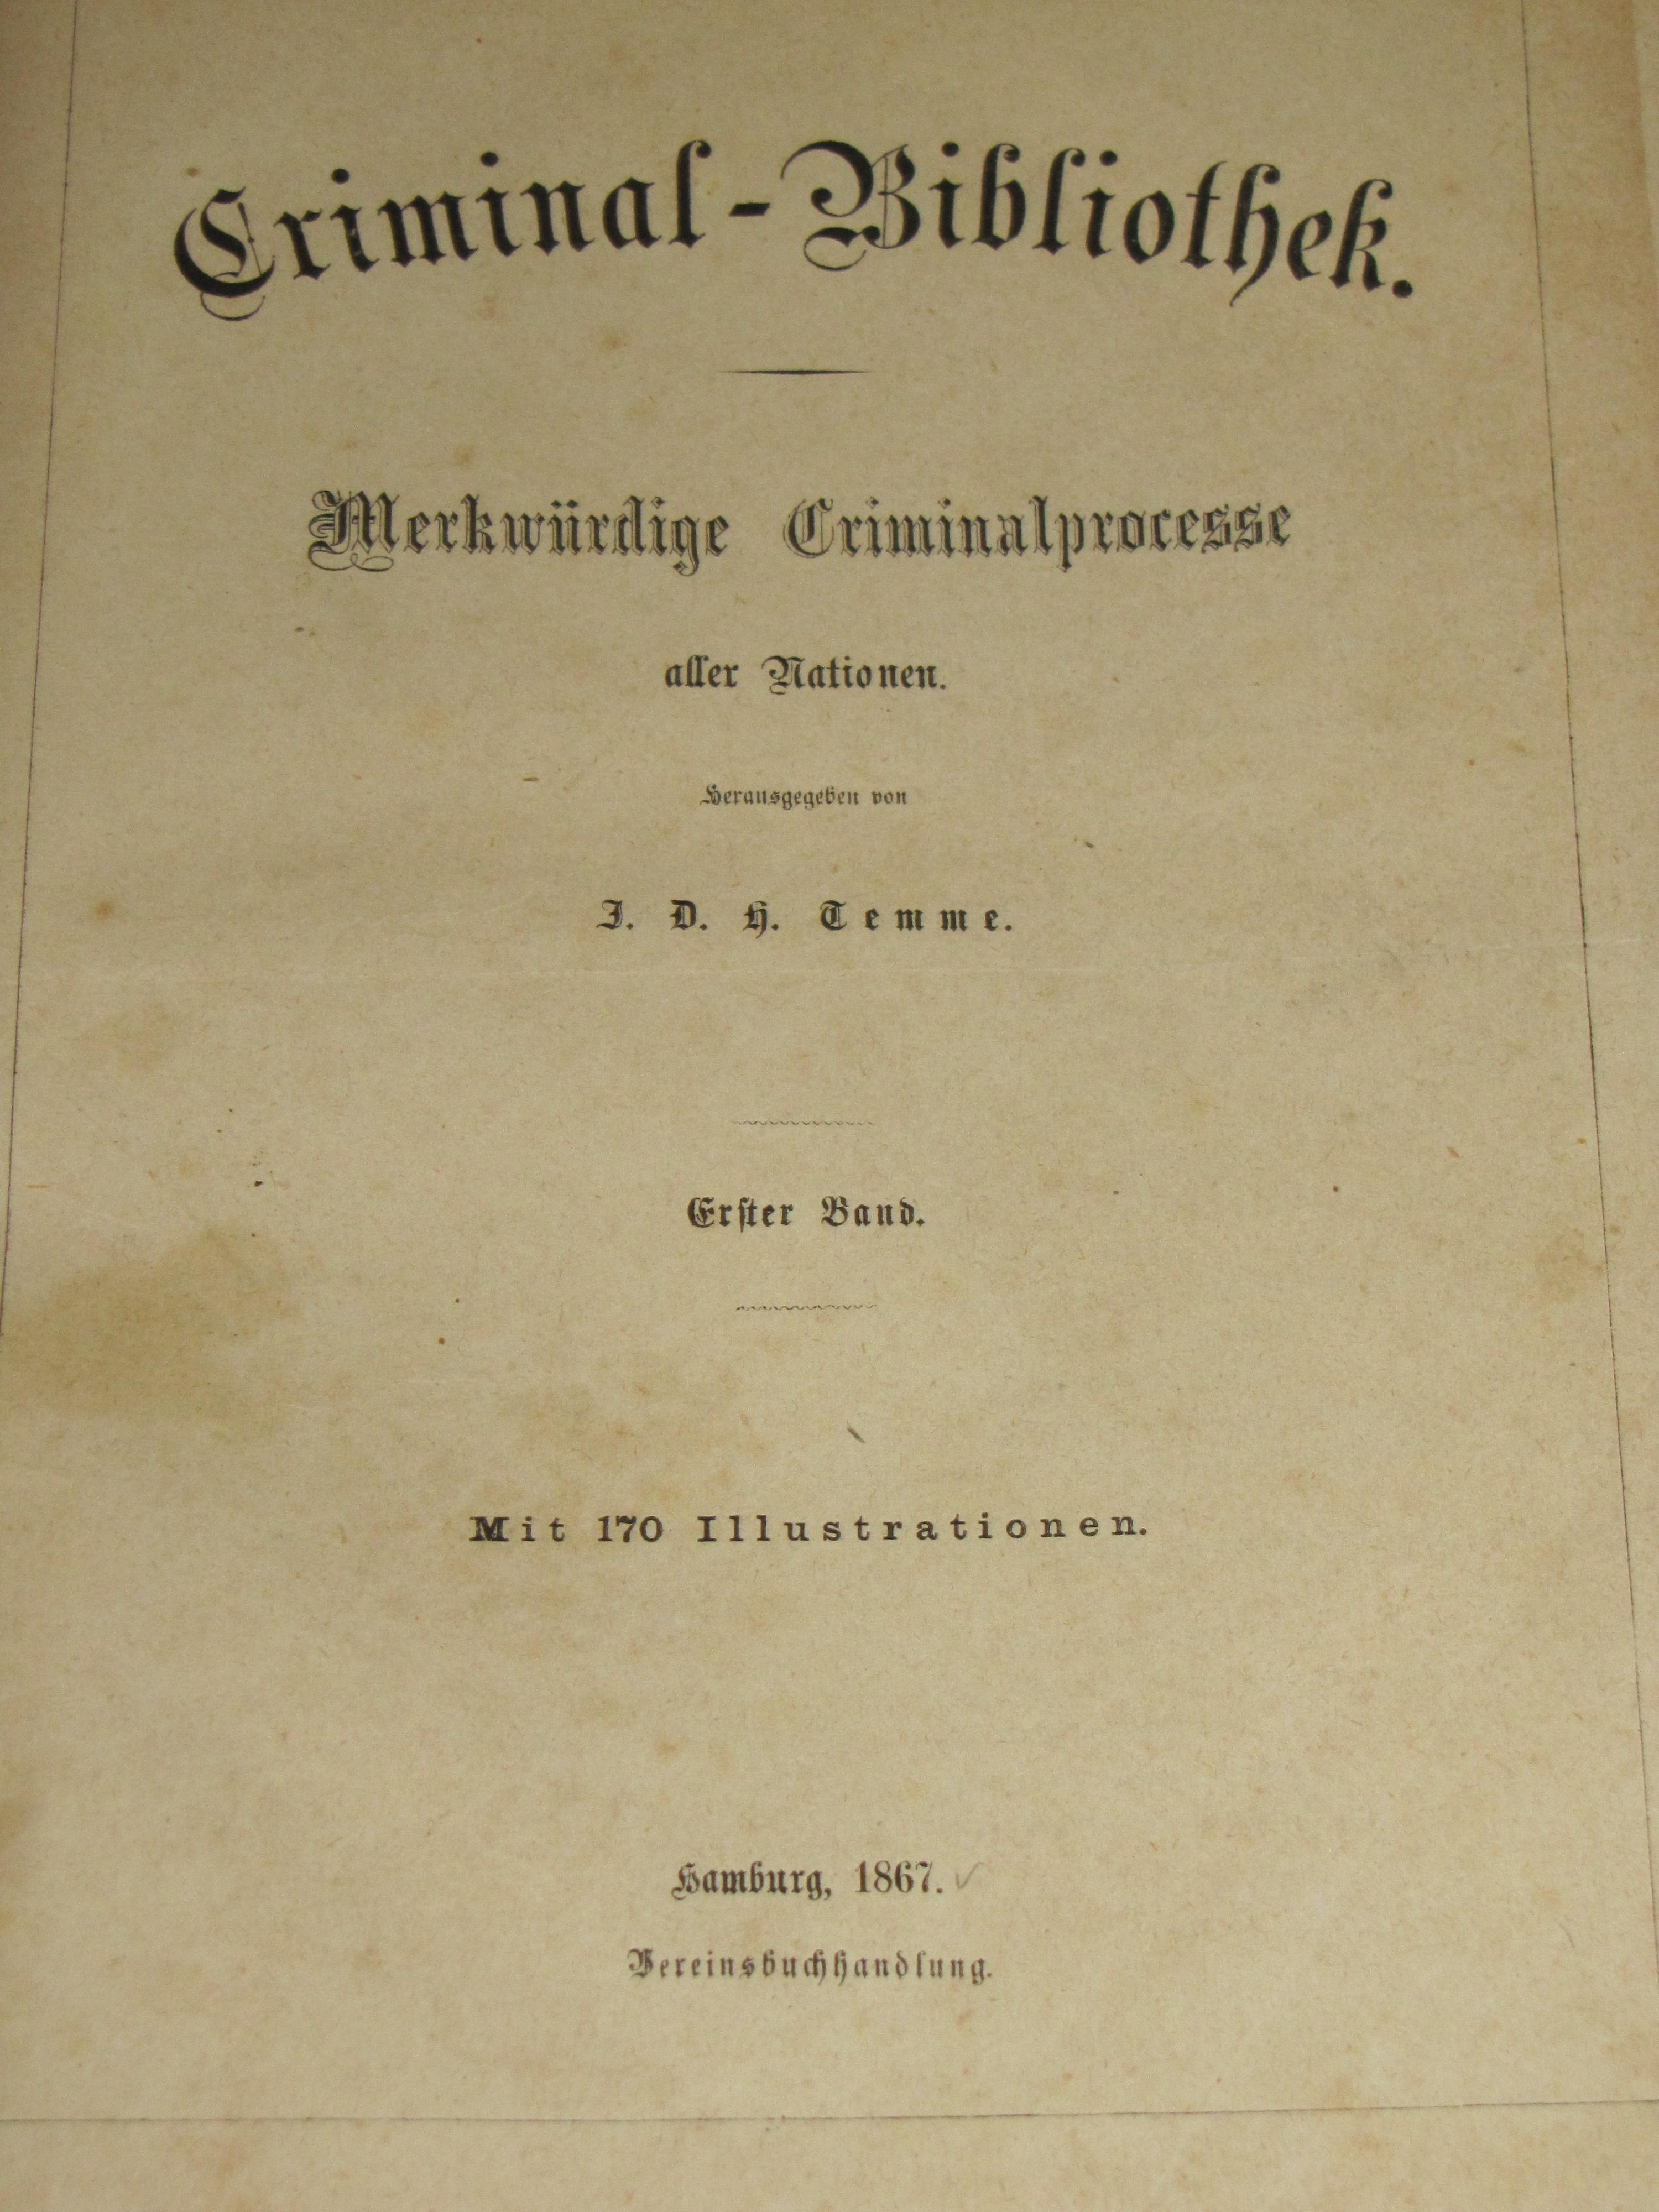 Criminal-Bibliothek, Band I aus der Sammlung Kirchschlager